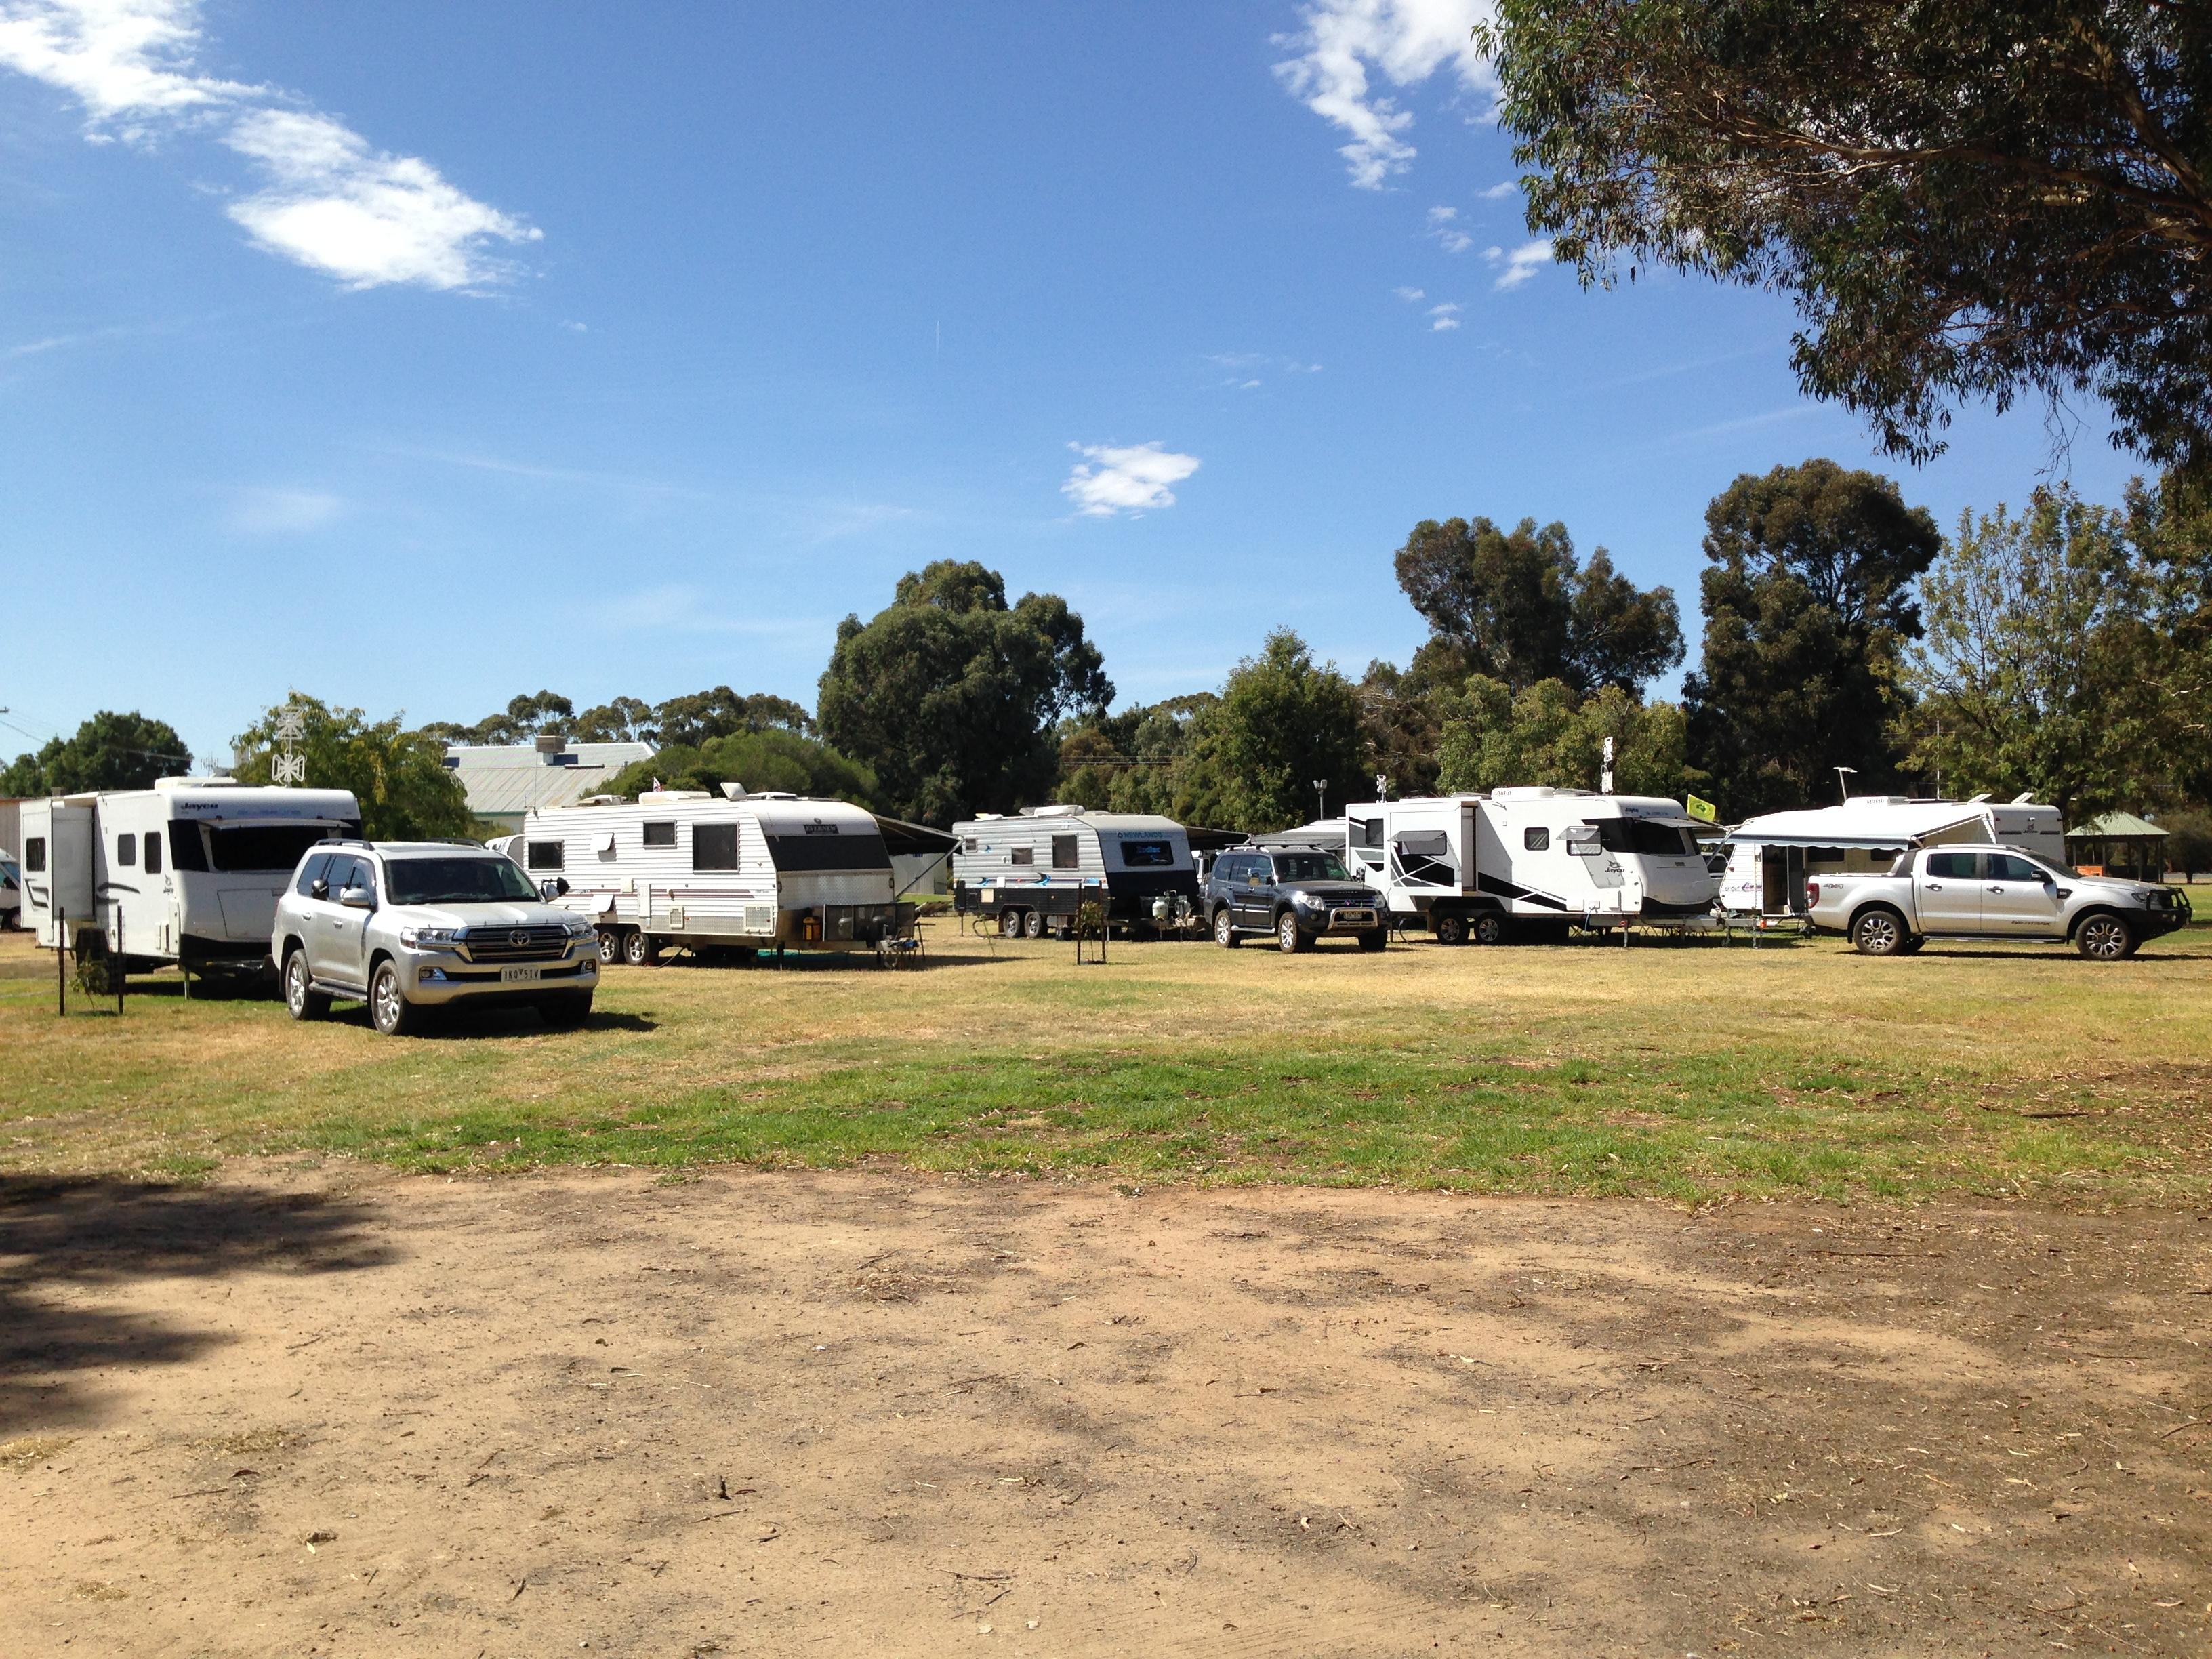 Camping - Caravans